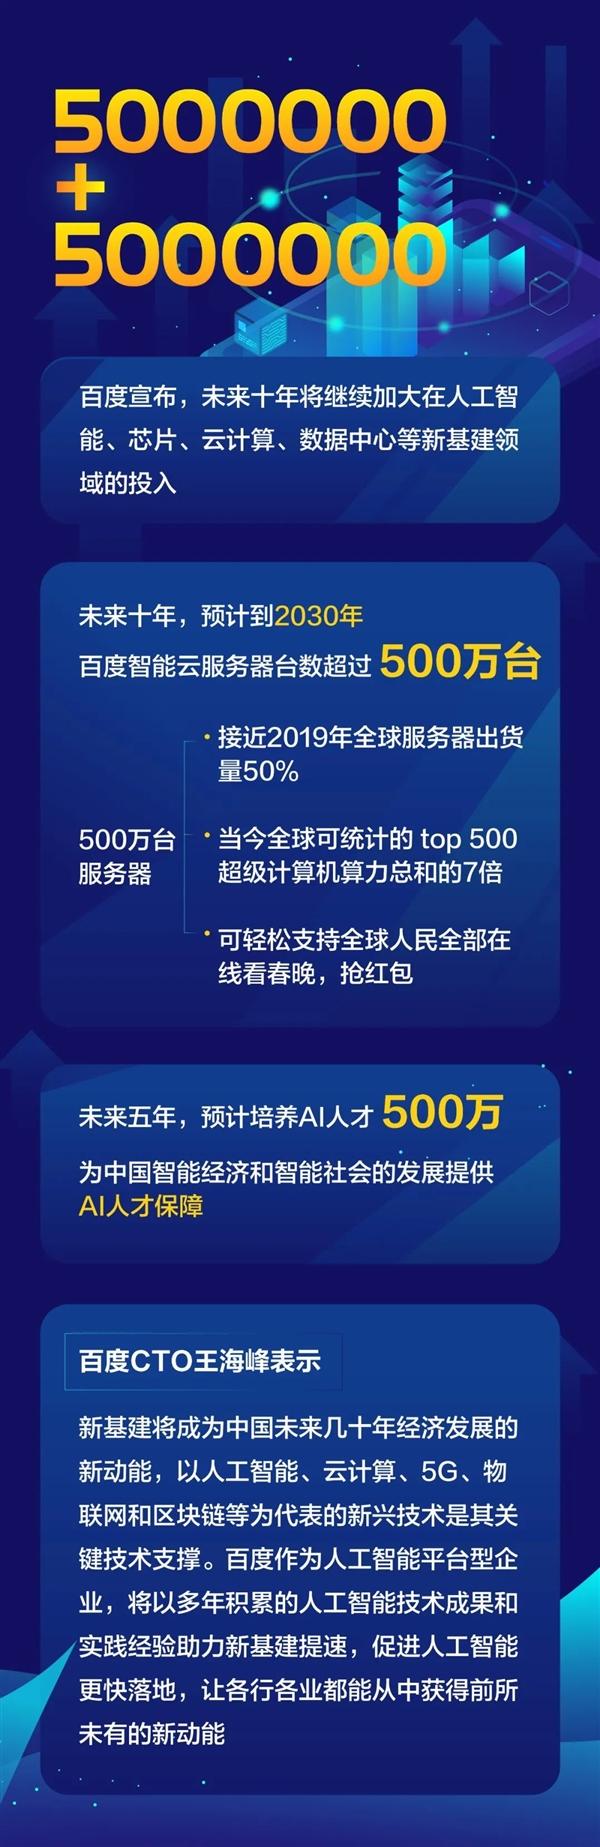 百度:2030年服务器数目超500万台 达Top500超算总和7倍